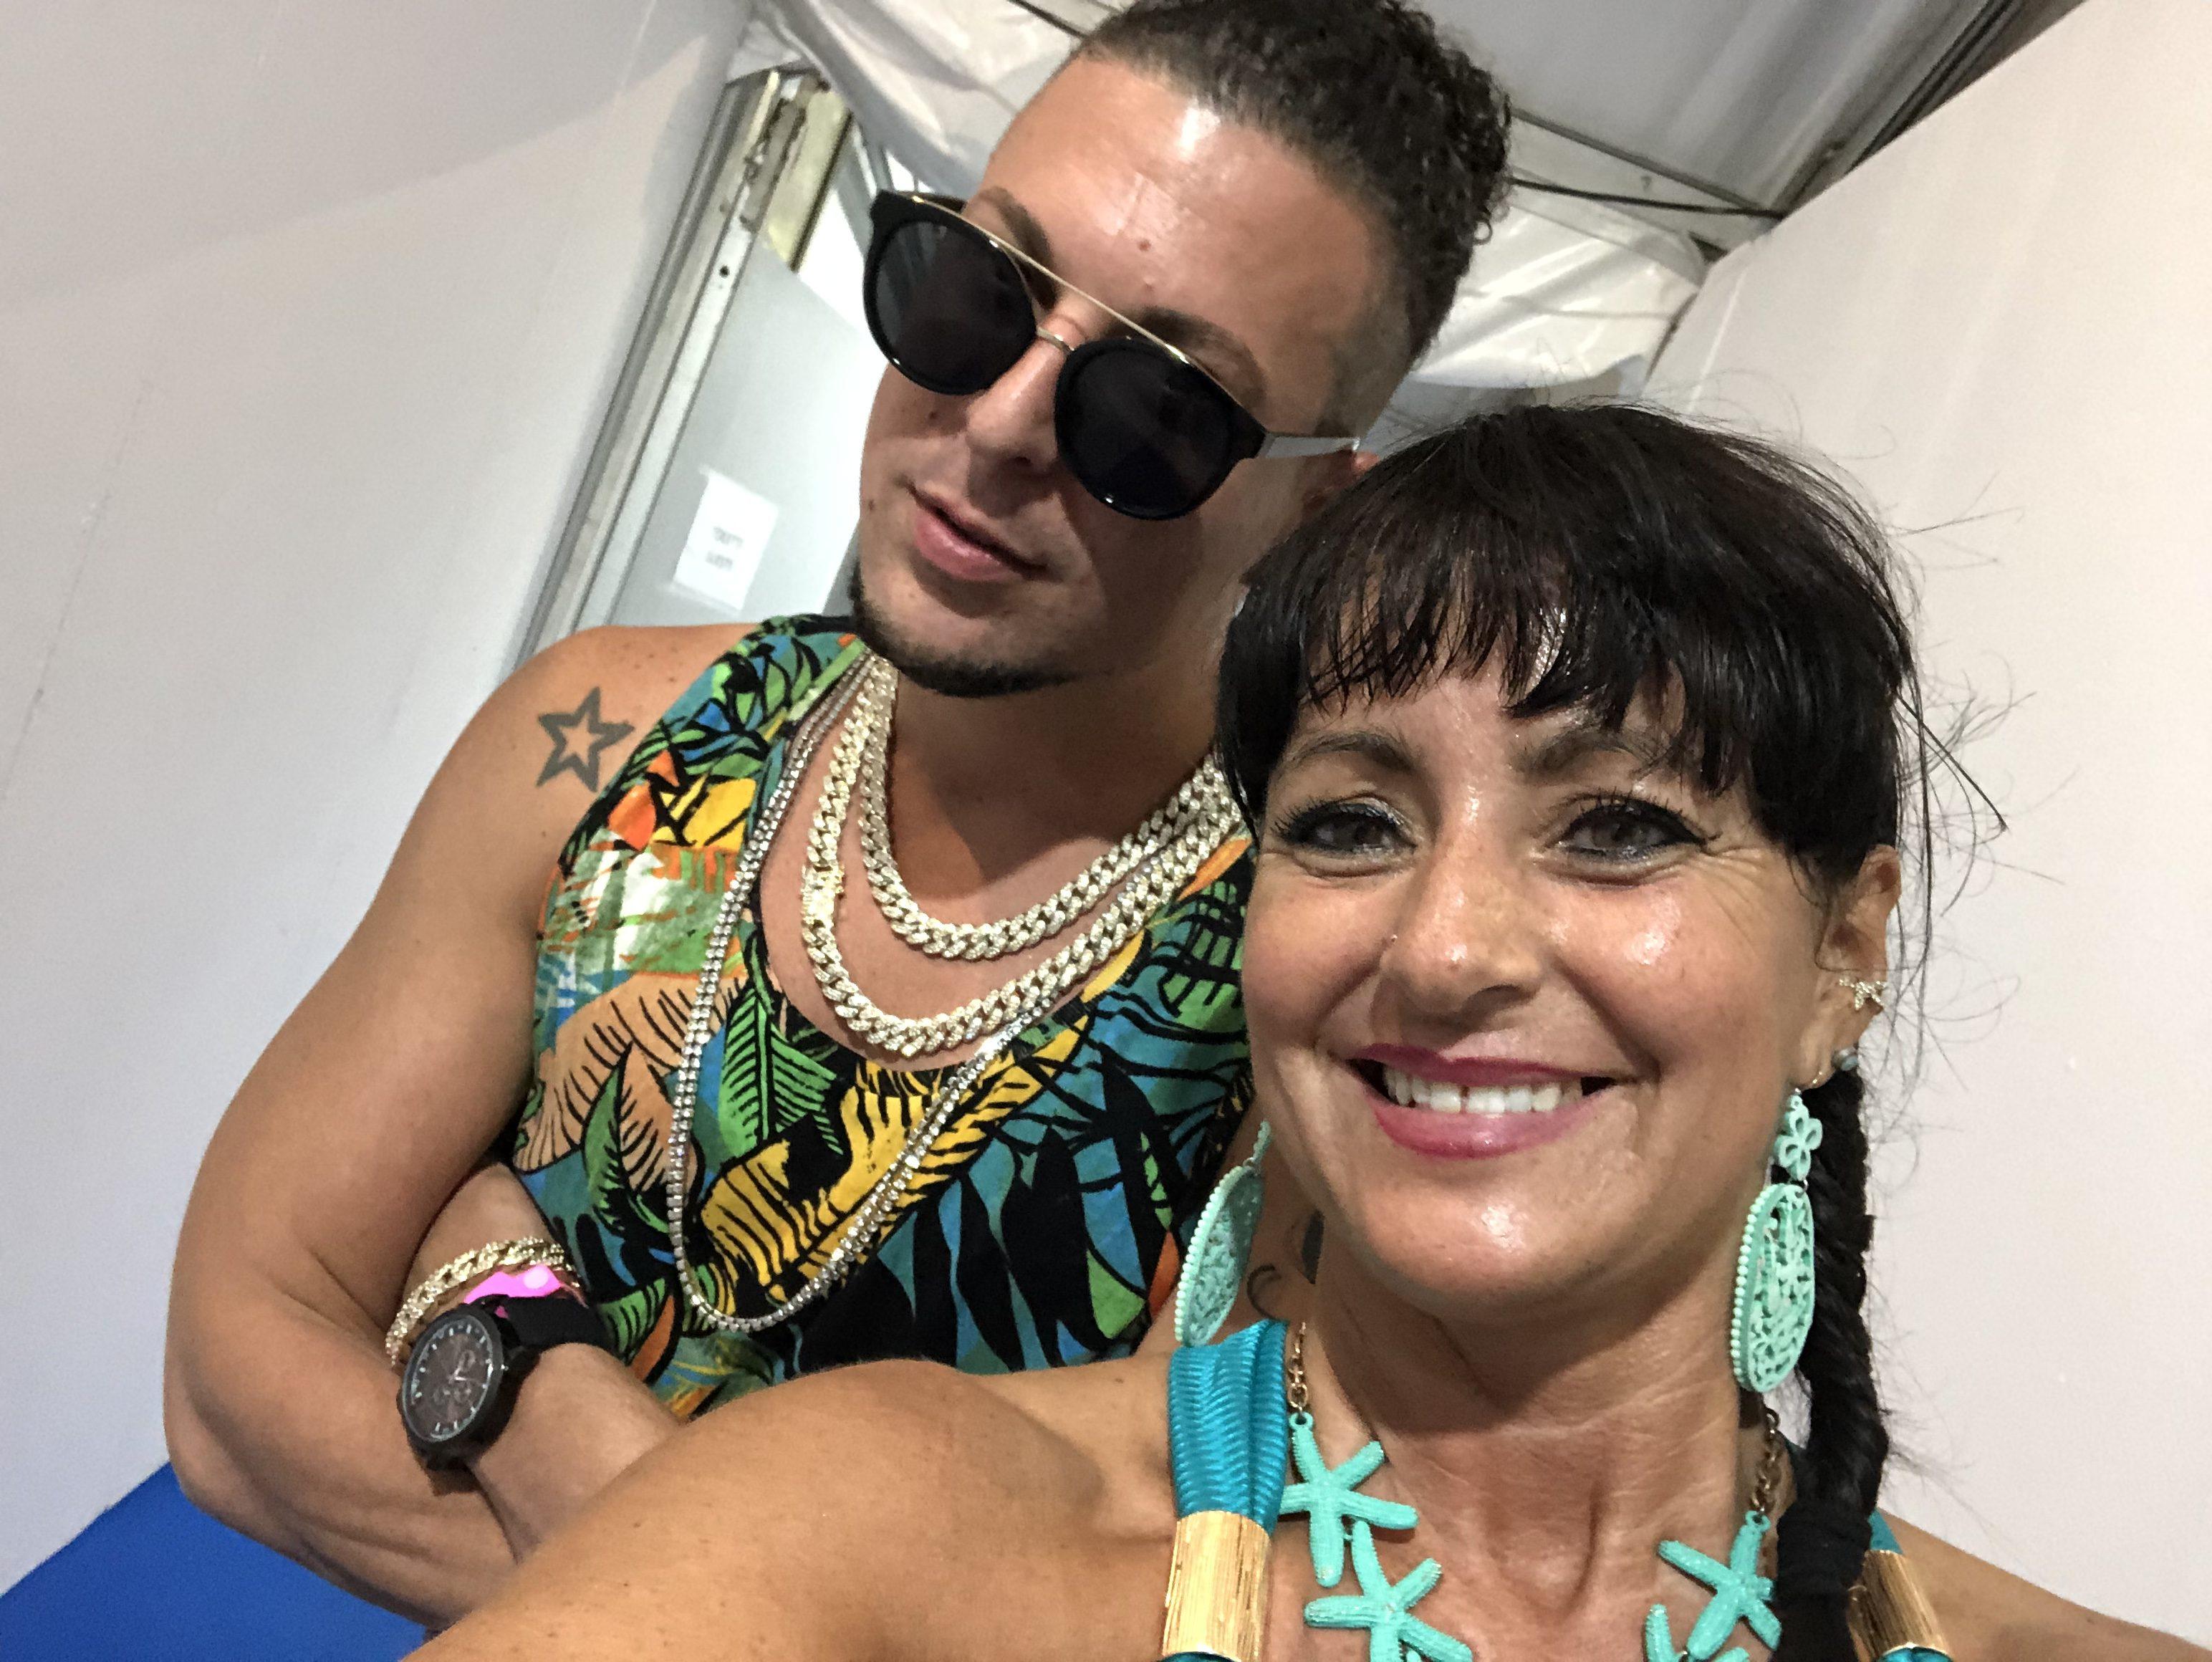 Dustin Richie e Chiara Ruggiero (Salsa.it)